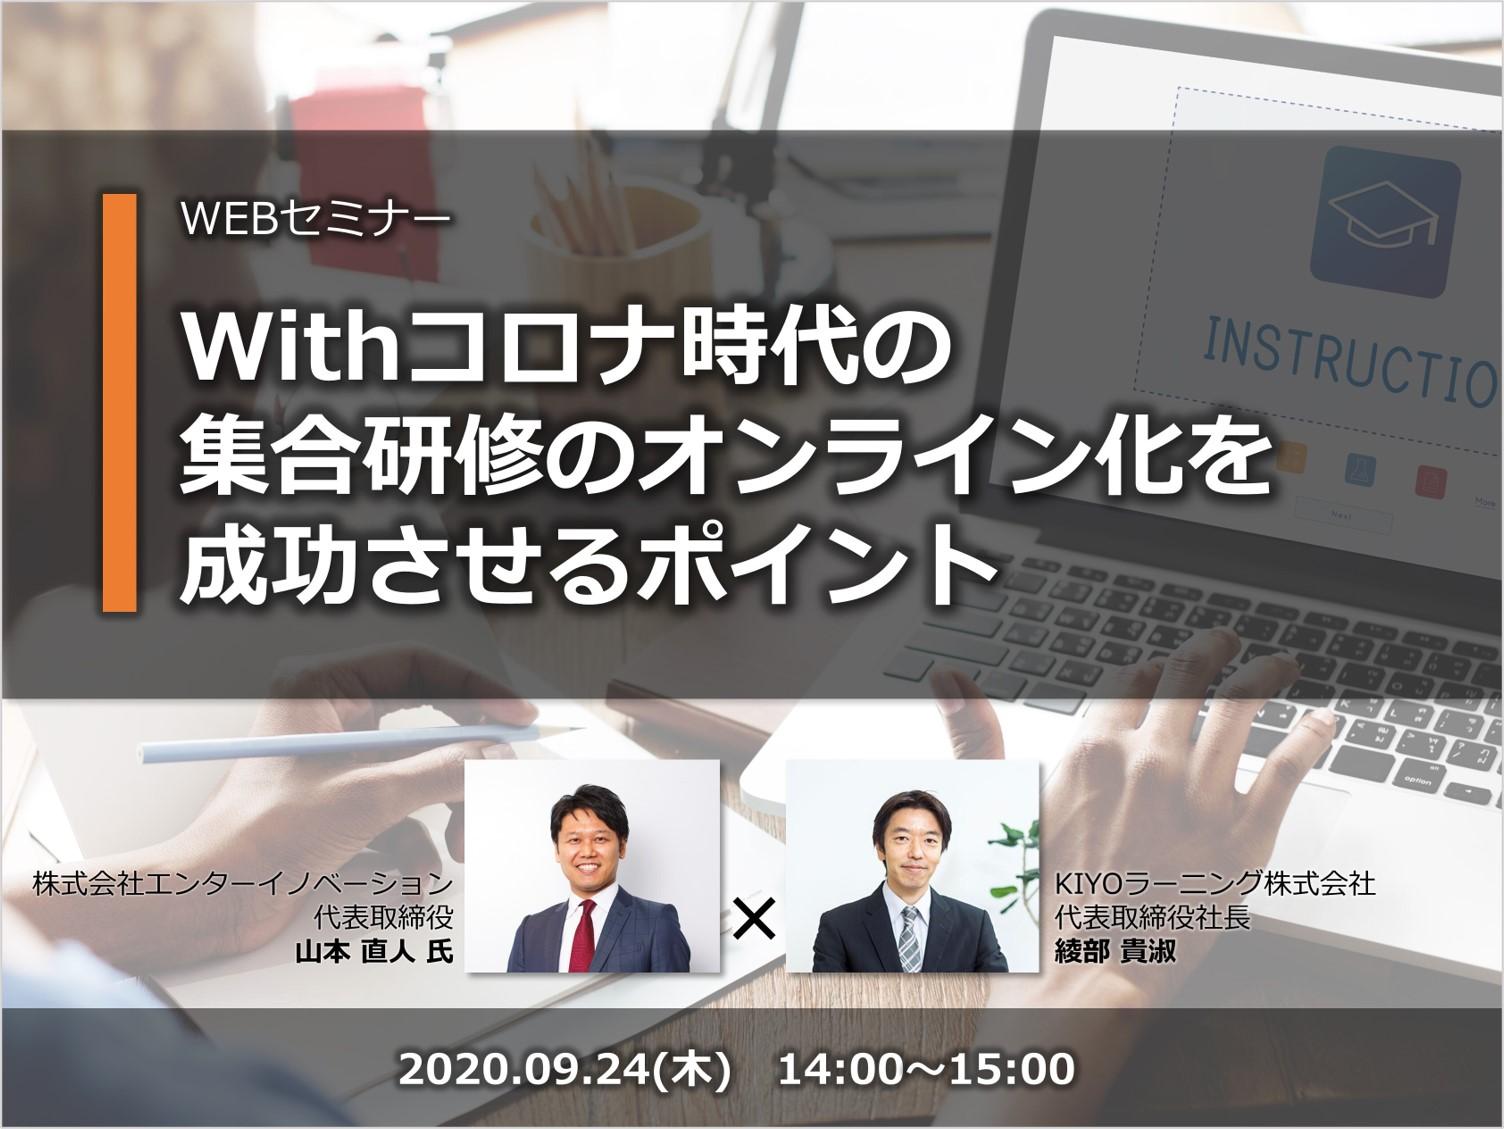 KIYOラーニング、集合研修のオンライン化を成功させる無料Webセミナーを開催